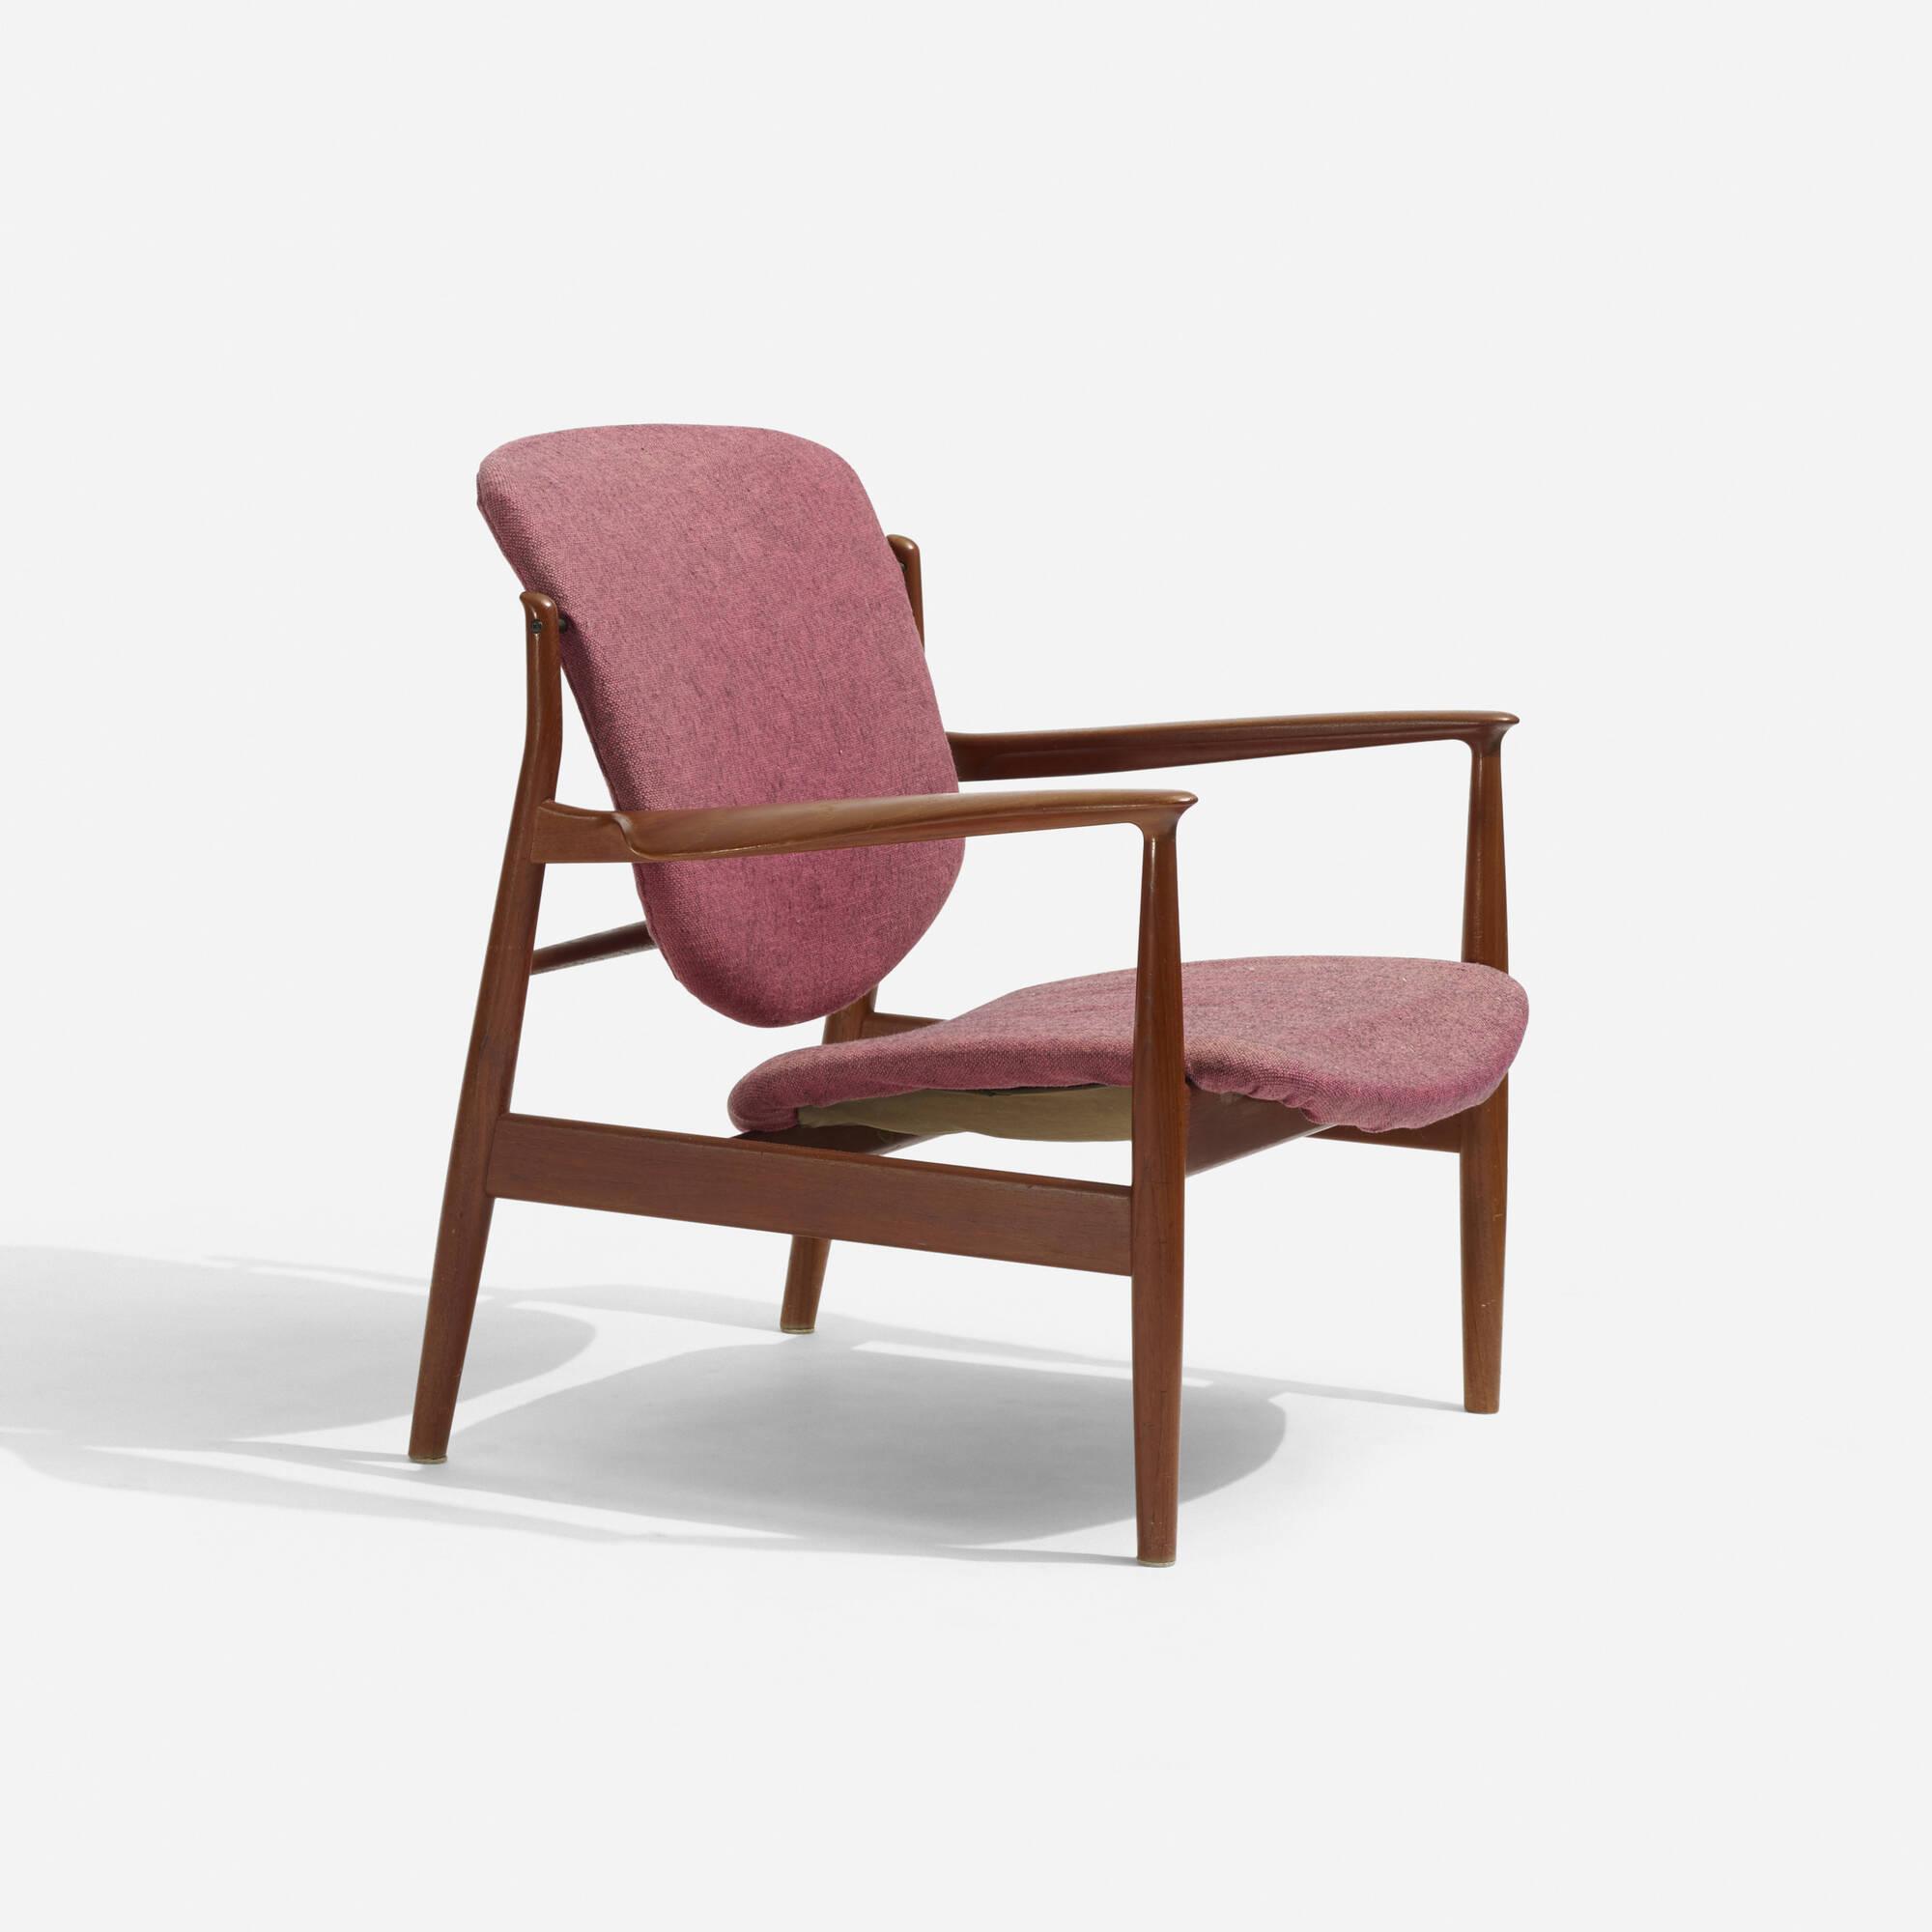 298: Finn Juhl / lounge chair (1 of 2)